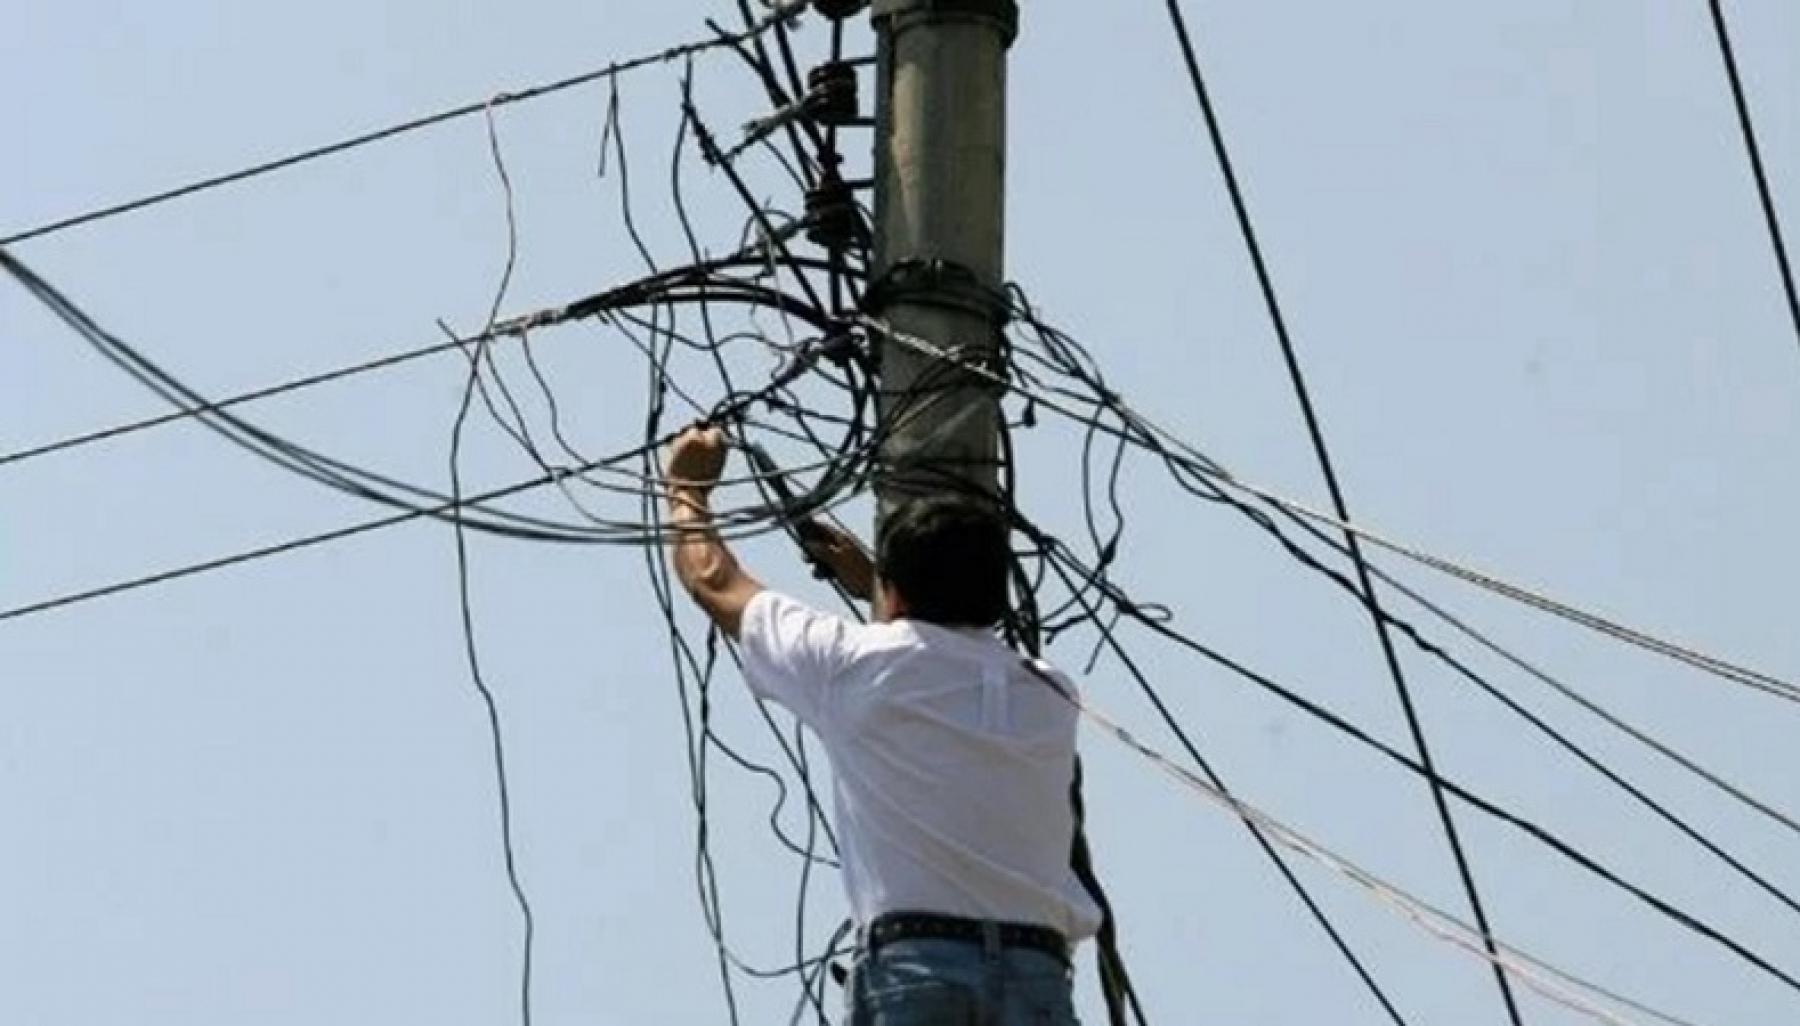 ¡Ojo! Conexiones irregulares generan riesgo en las comunidades   Noticias de Buenaventura, Colombia y el Mundo